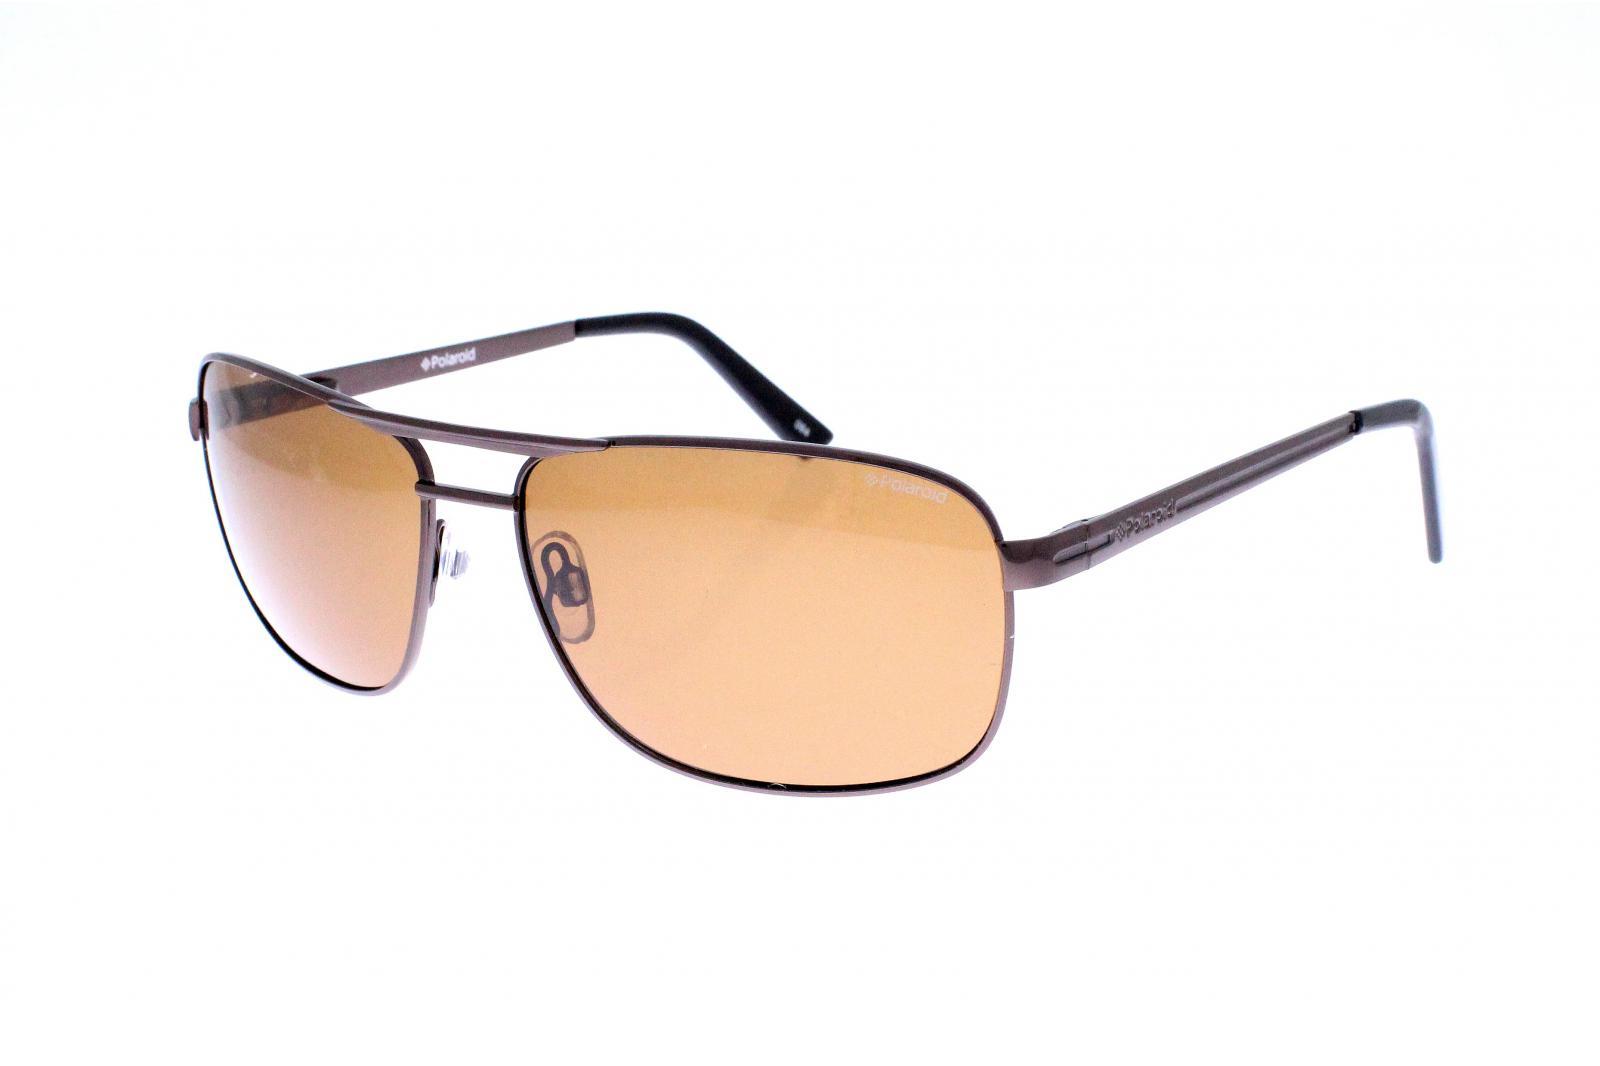 lunettes de soleil polaro d p4403b 0en pas cher optical discount. Black Bedroom Furniture Sets. Home Design Ideas